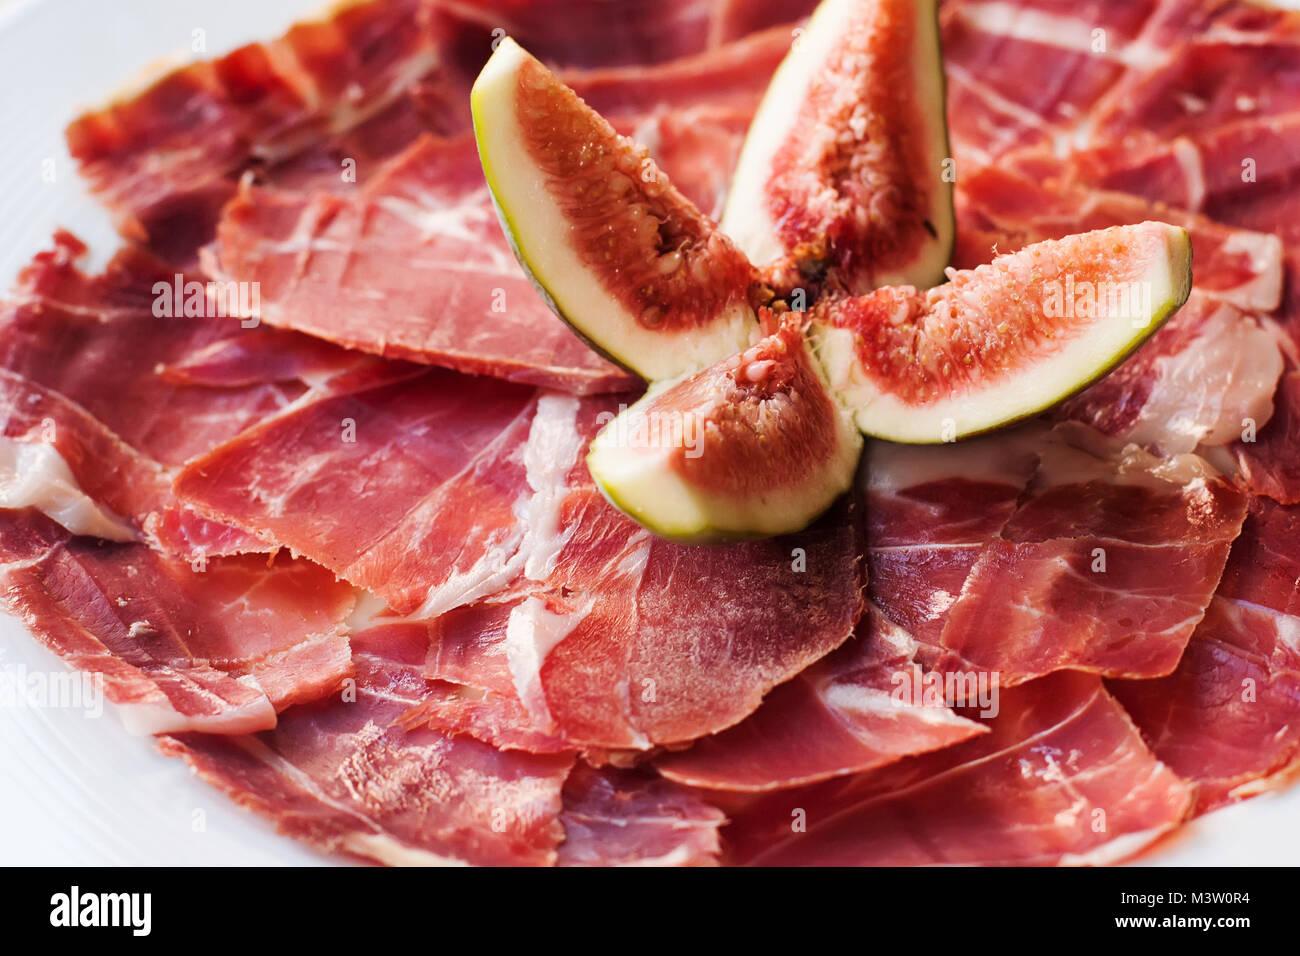 Spanische Küche Tapas essen Jamon mit Bild. Schönen Appetit Scheiben von rohem Schweinefleisch, weiße Stockbild